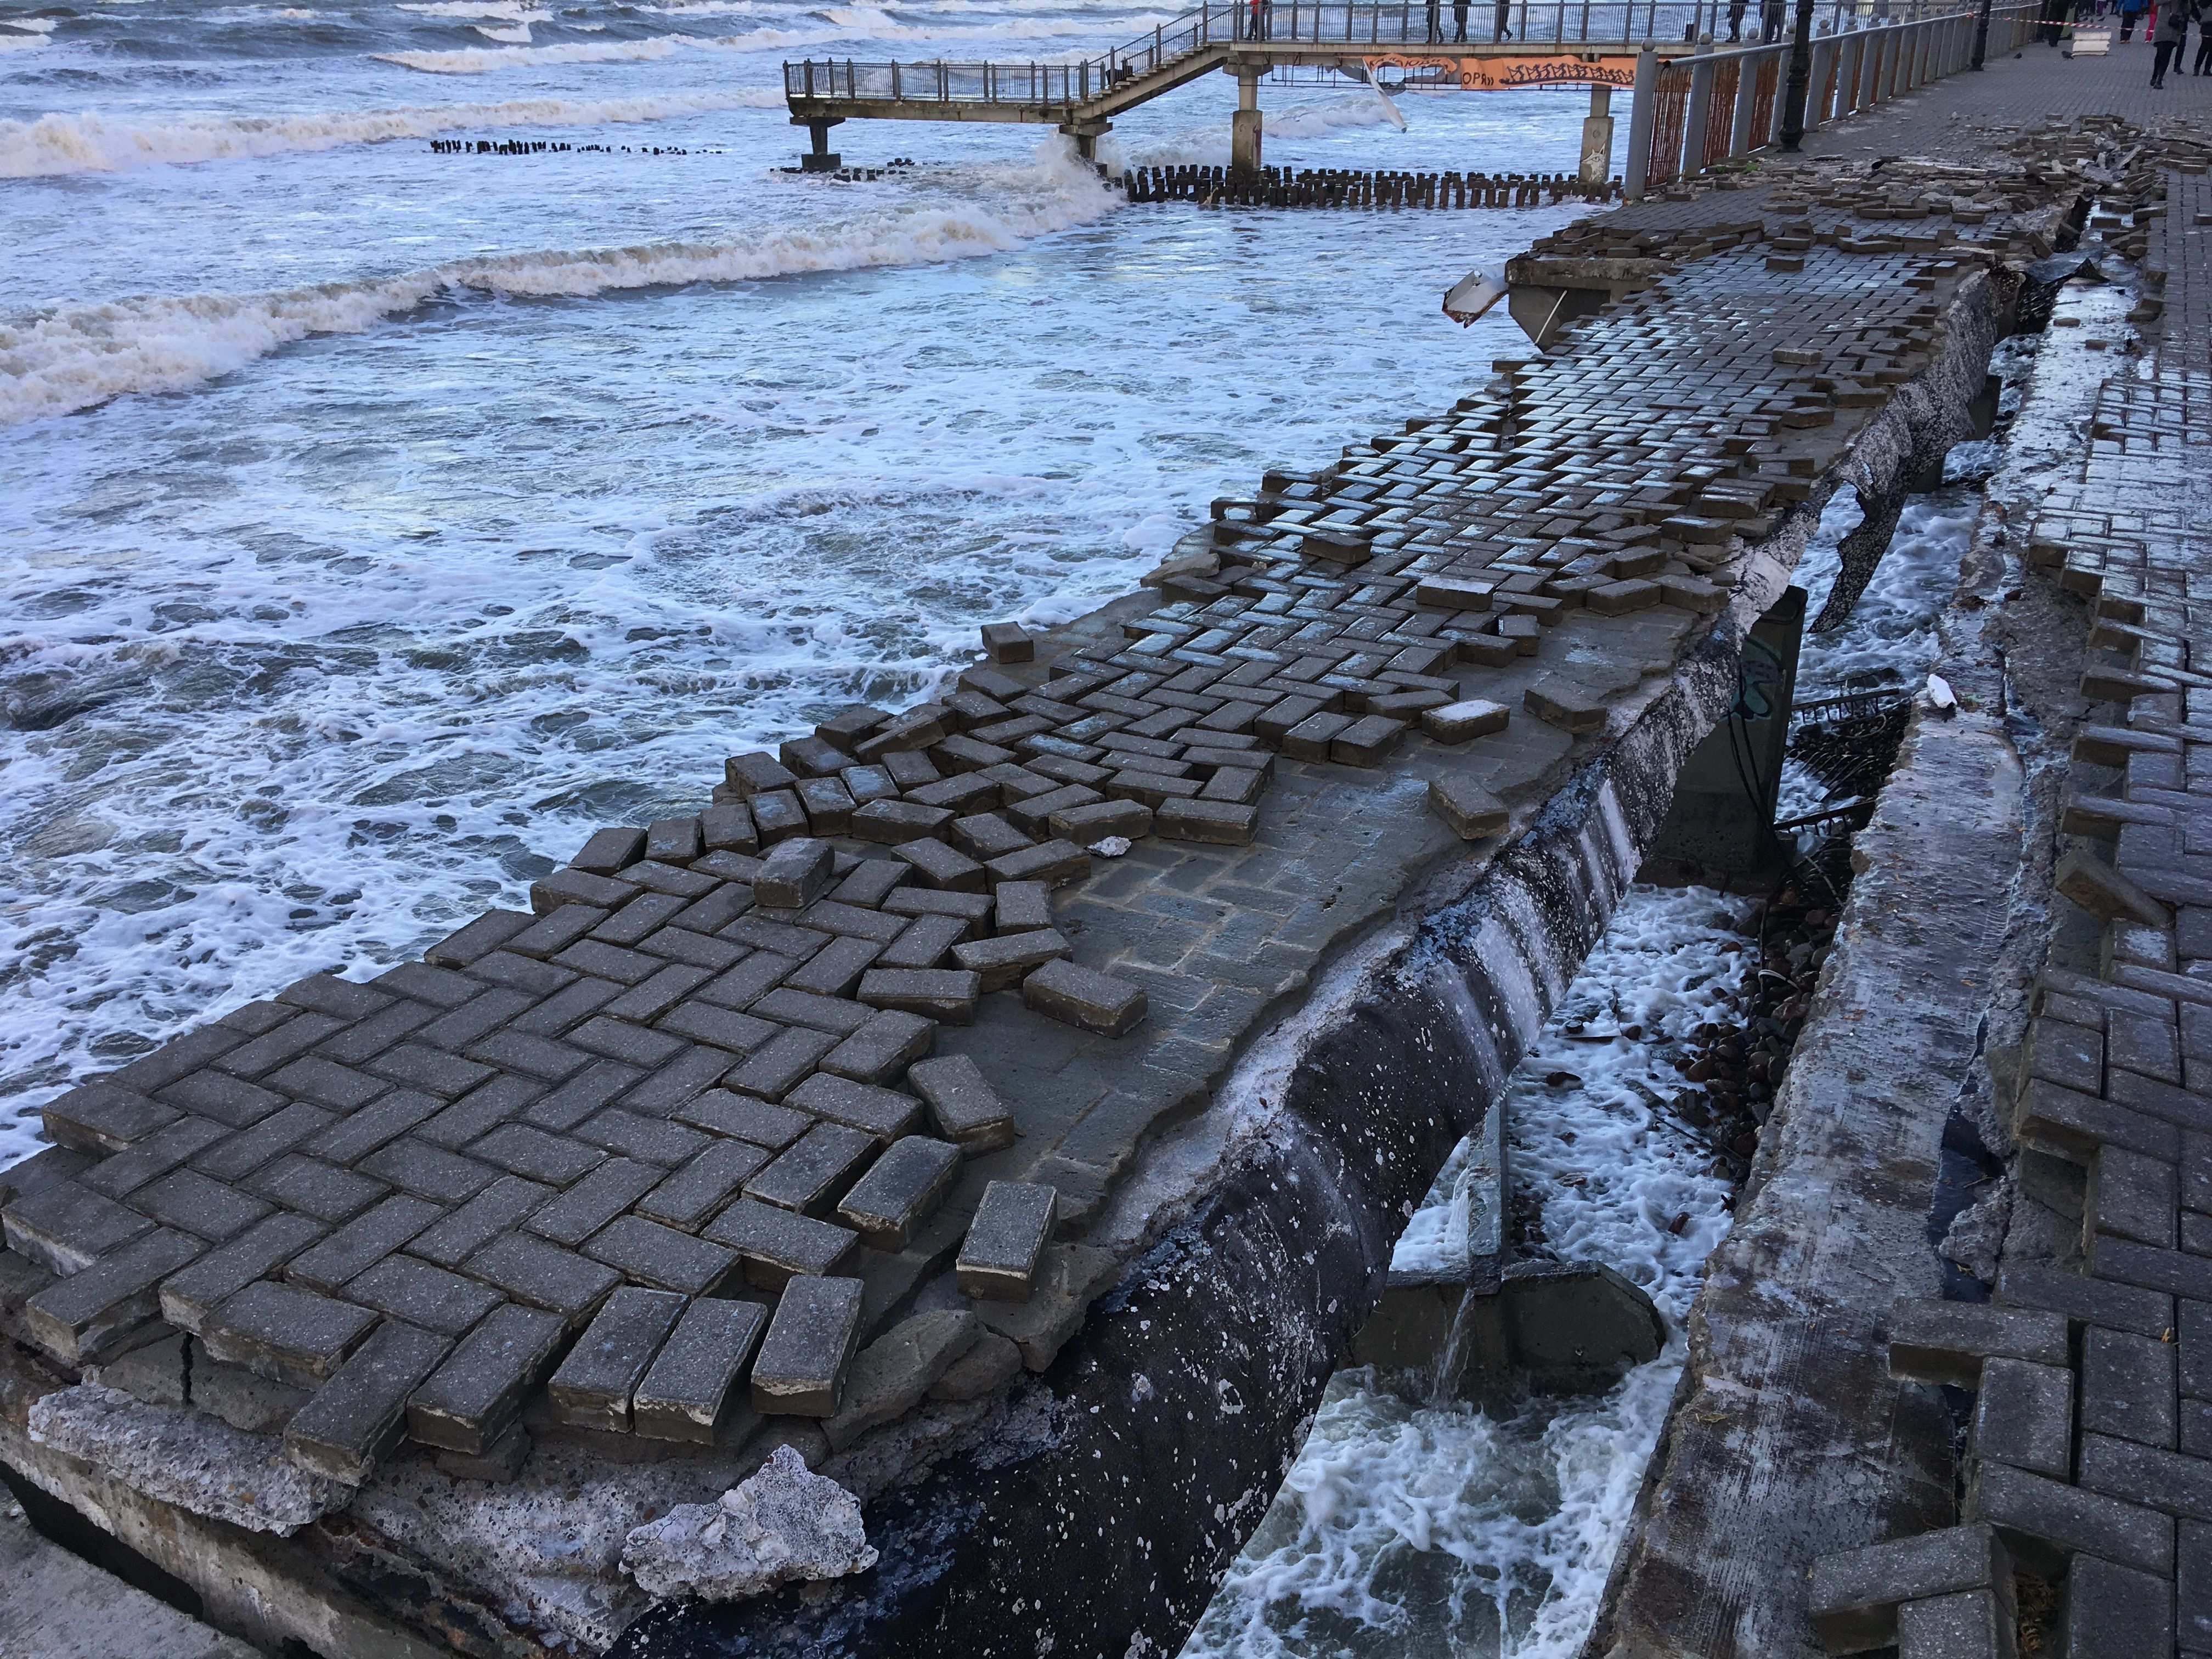 Последствия шторма, Светлогорск, январь 2019, видео в статье